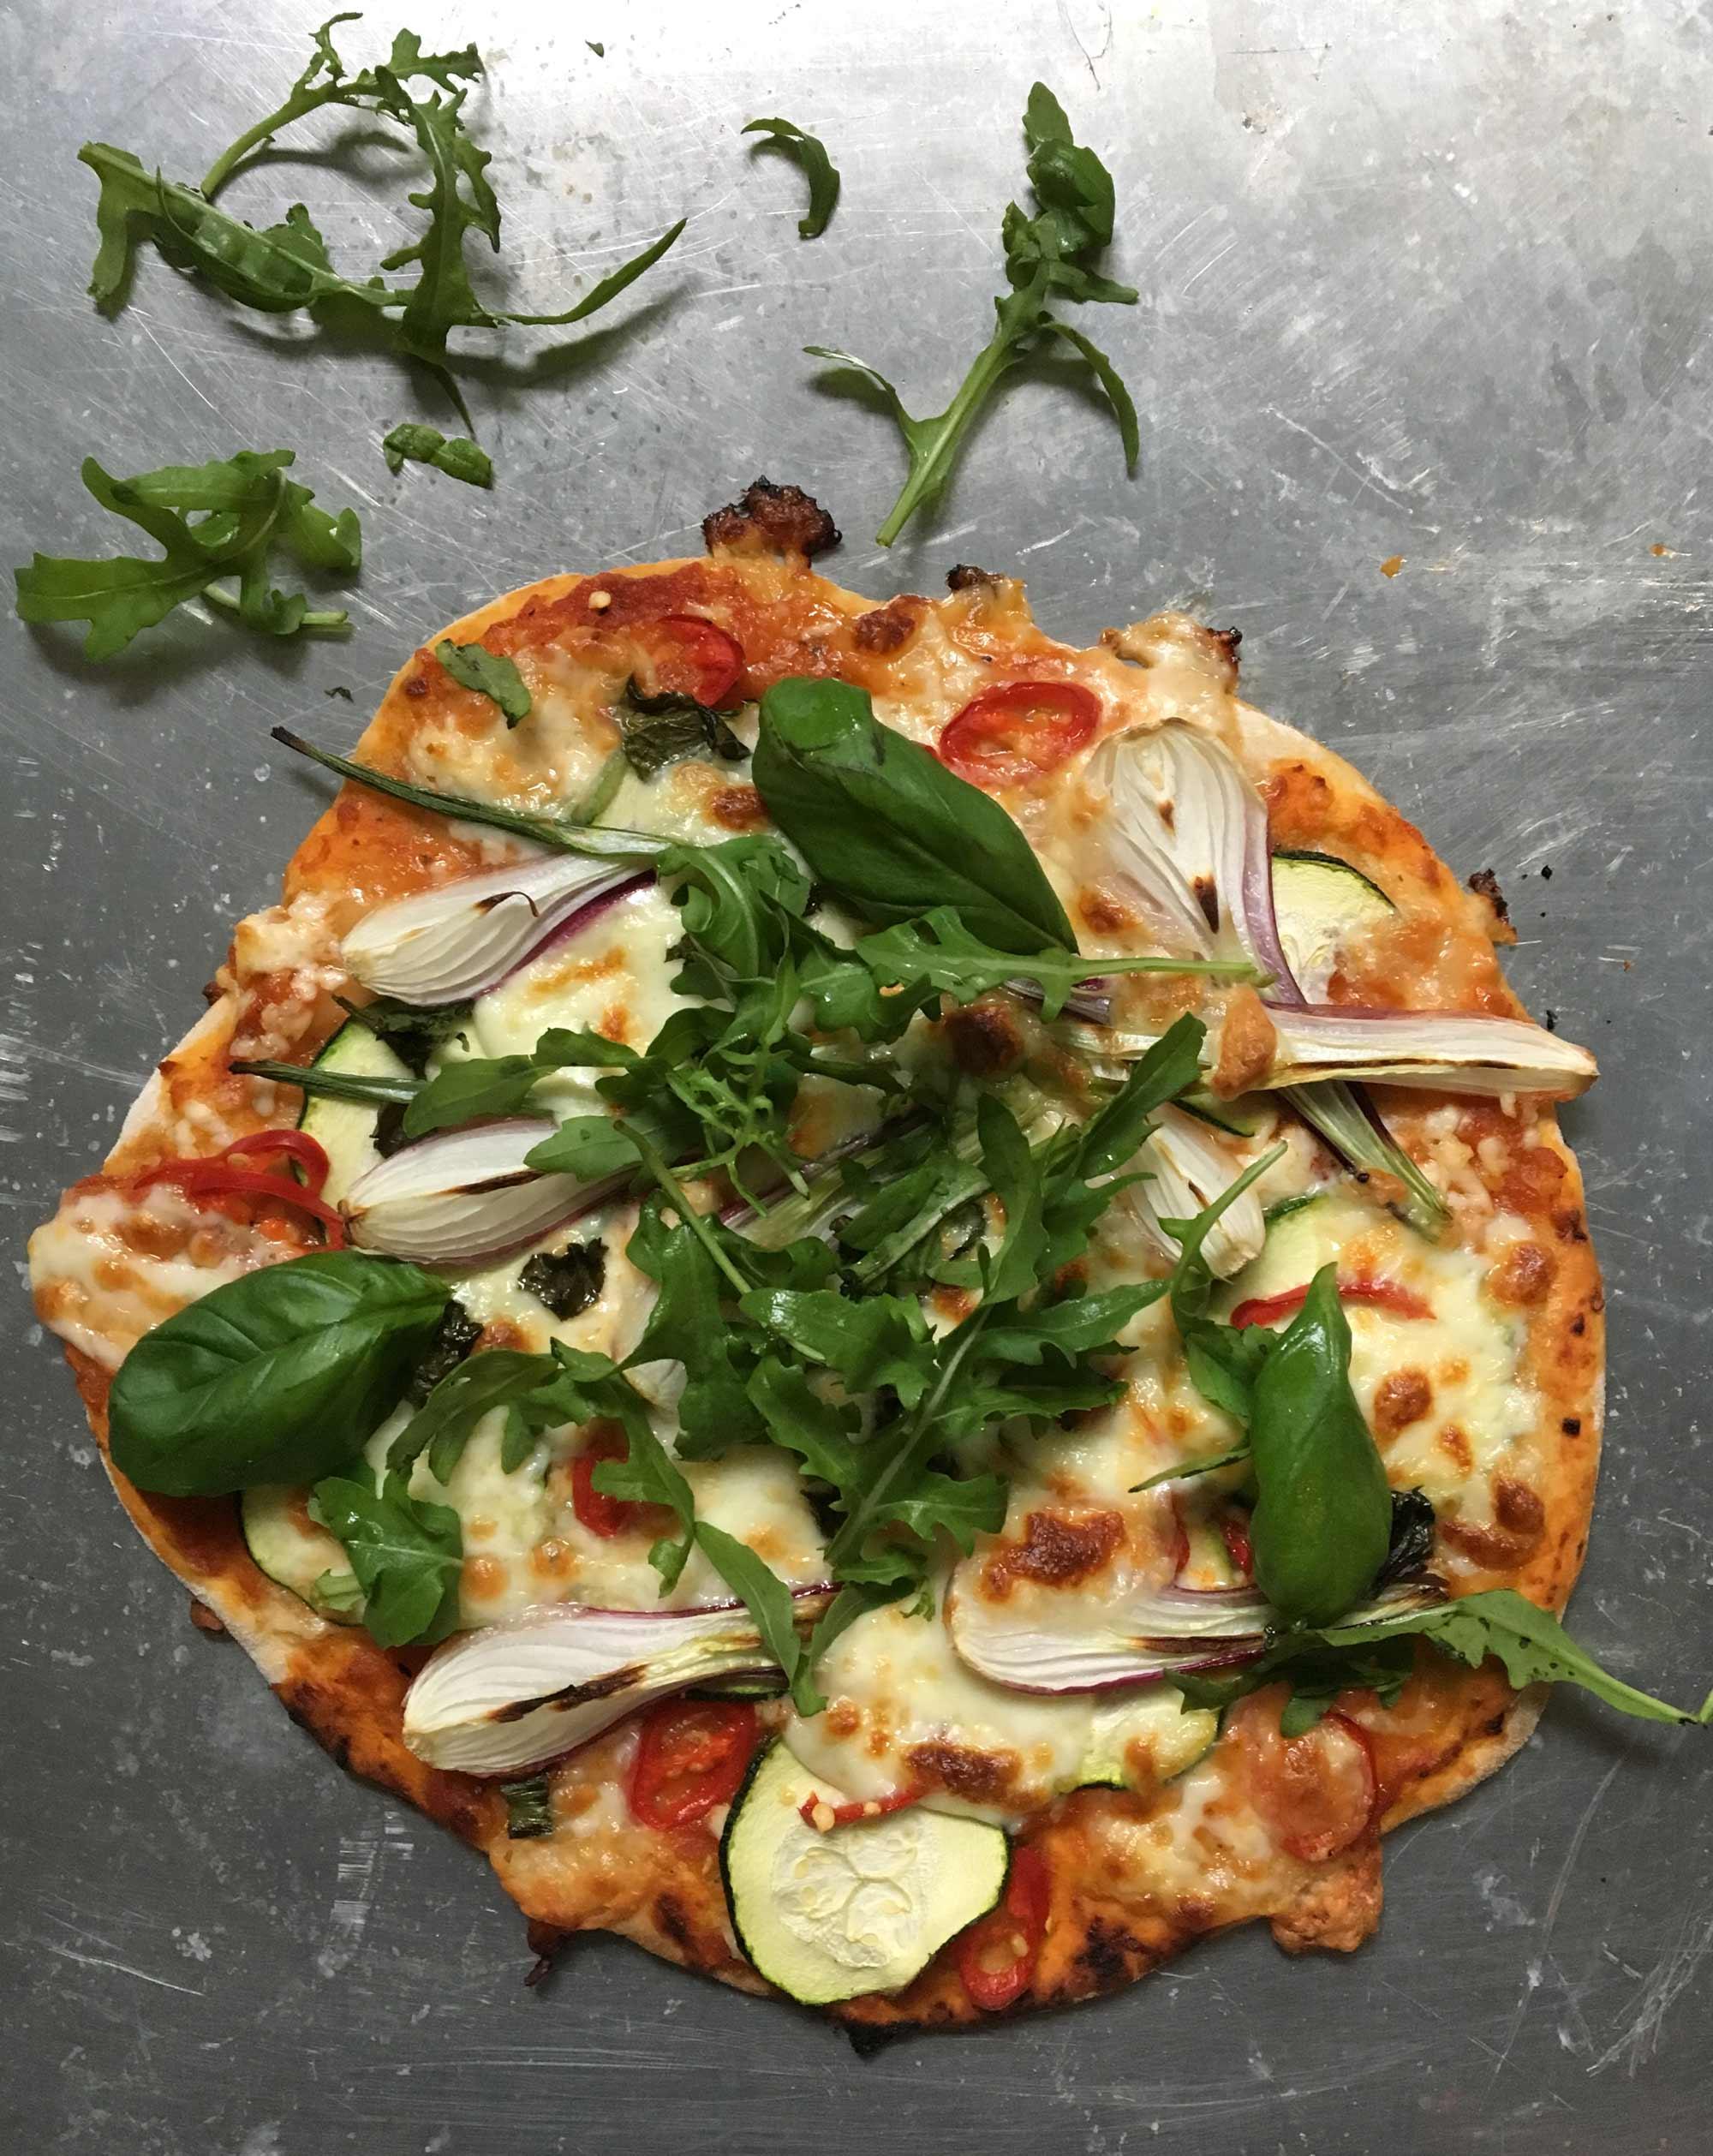 Vegopizza med hemgjord tomatsås, zucchini, chili, färsk lök och rucola.